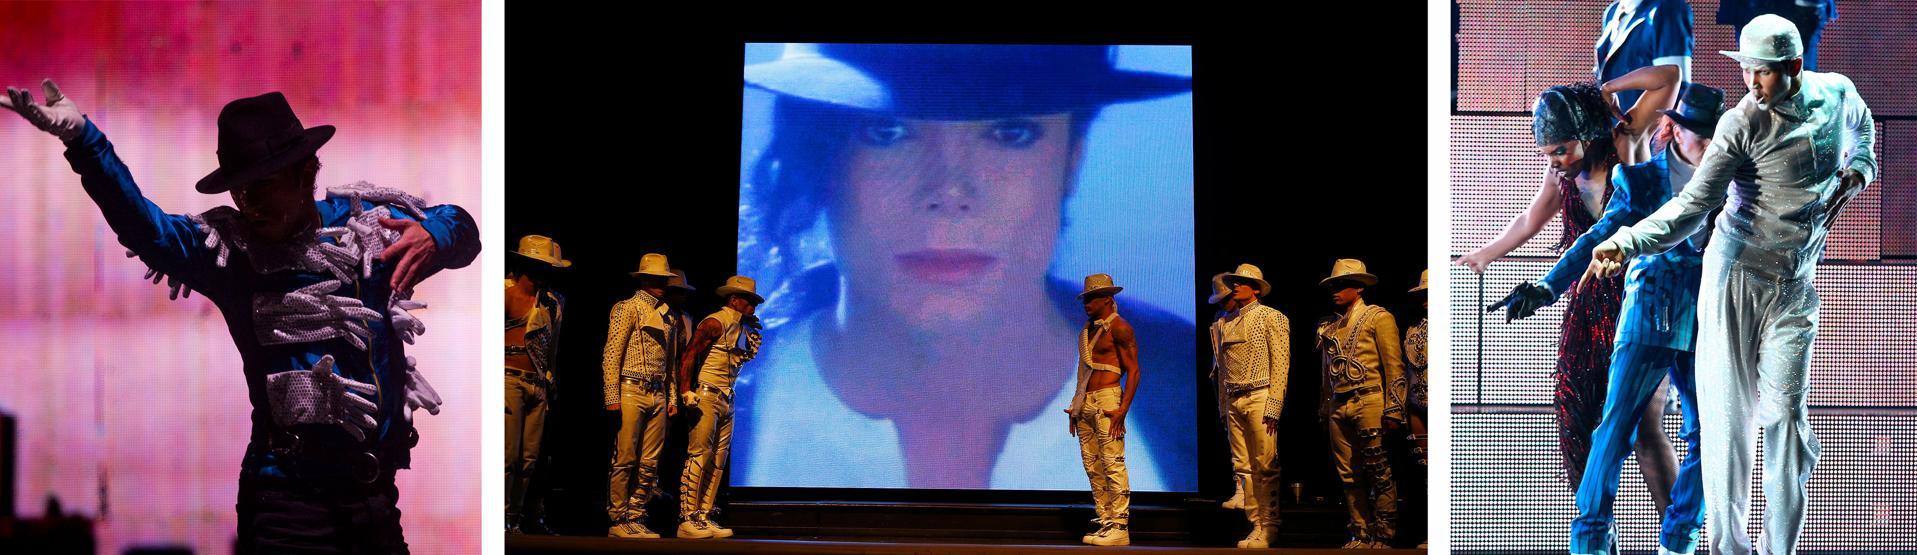 Cirque du Solei presents it's show Michael Jackson Immortal World Tour